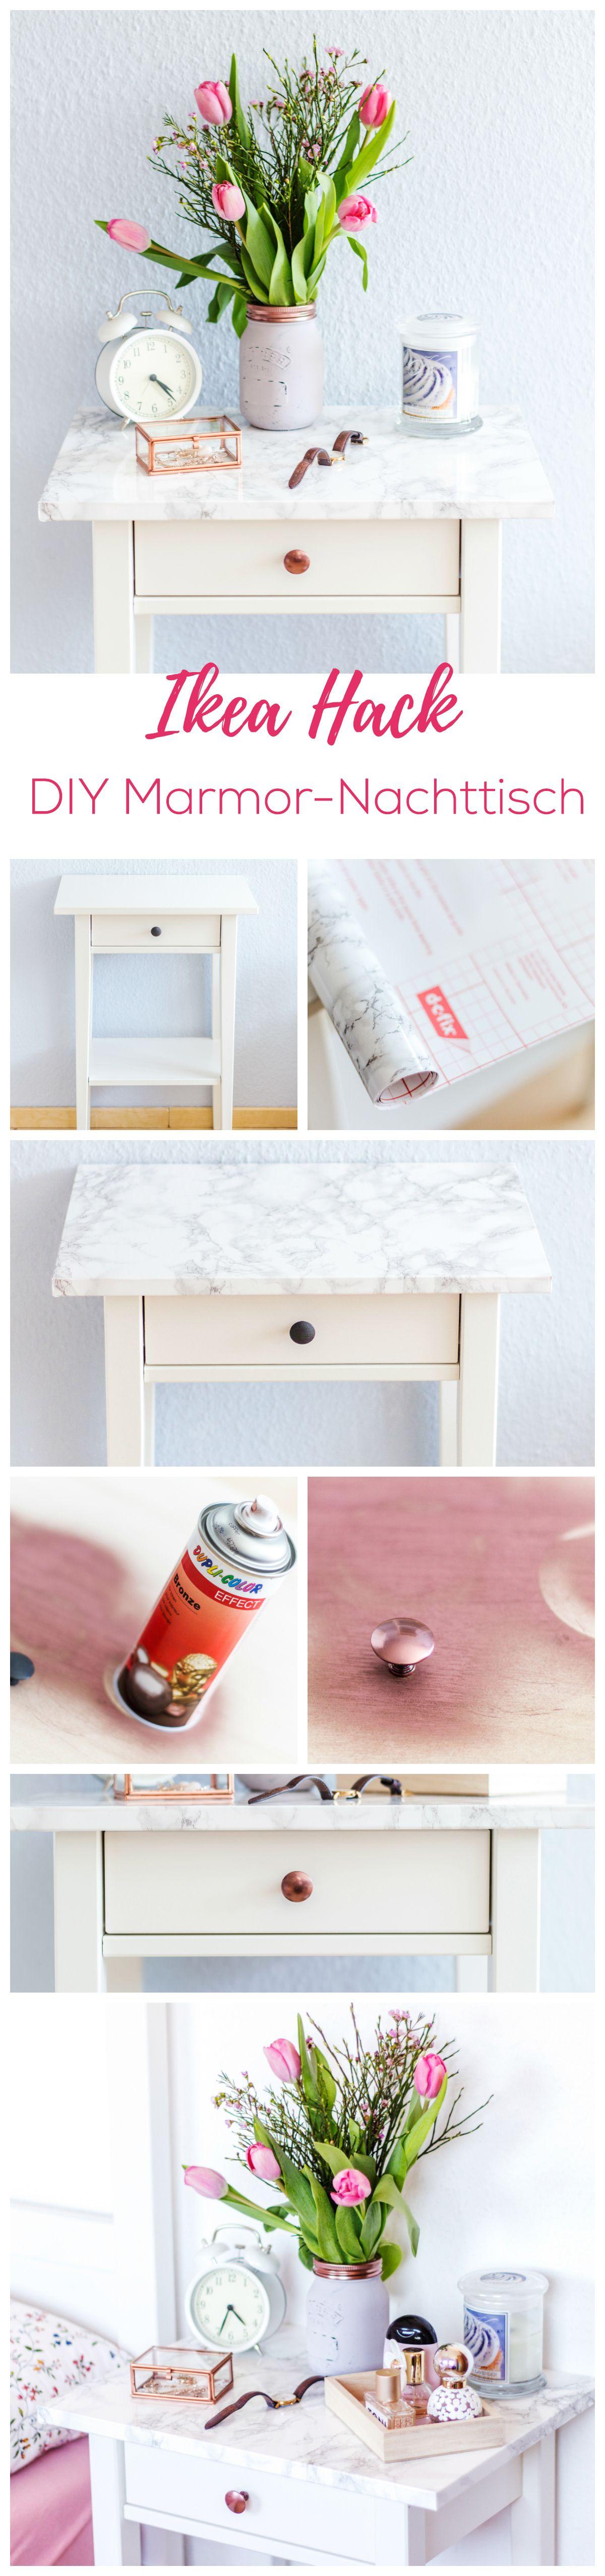 Hemnes Nachttisch ikea hack wie du einen marmortisch selbst machst marmortische